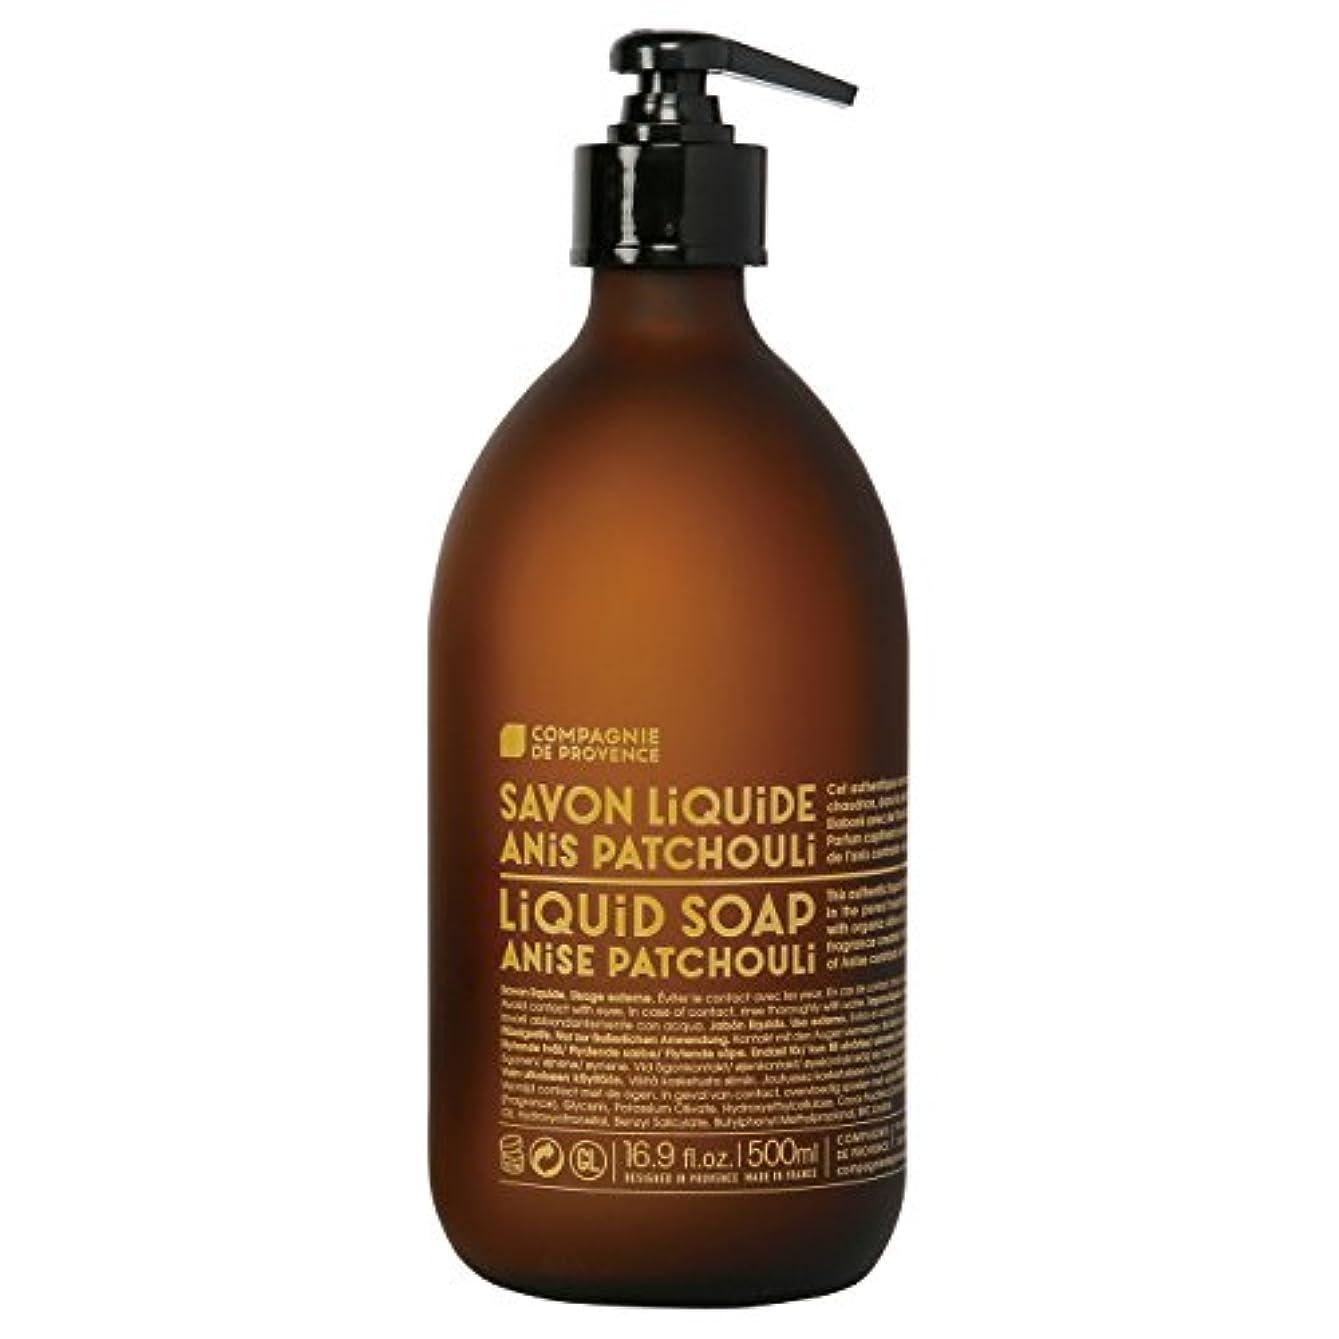 広告主湿度ジャズカンパニードプロバンス バージョンオリジナル リキッドソープ アニスパチュリ(魅惑的なスパイシーハーブの香り) 500ml